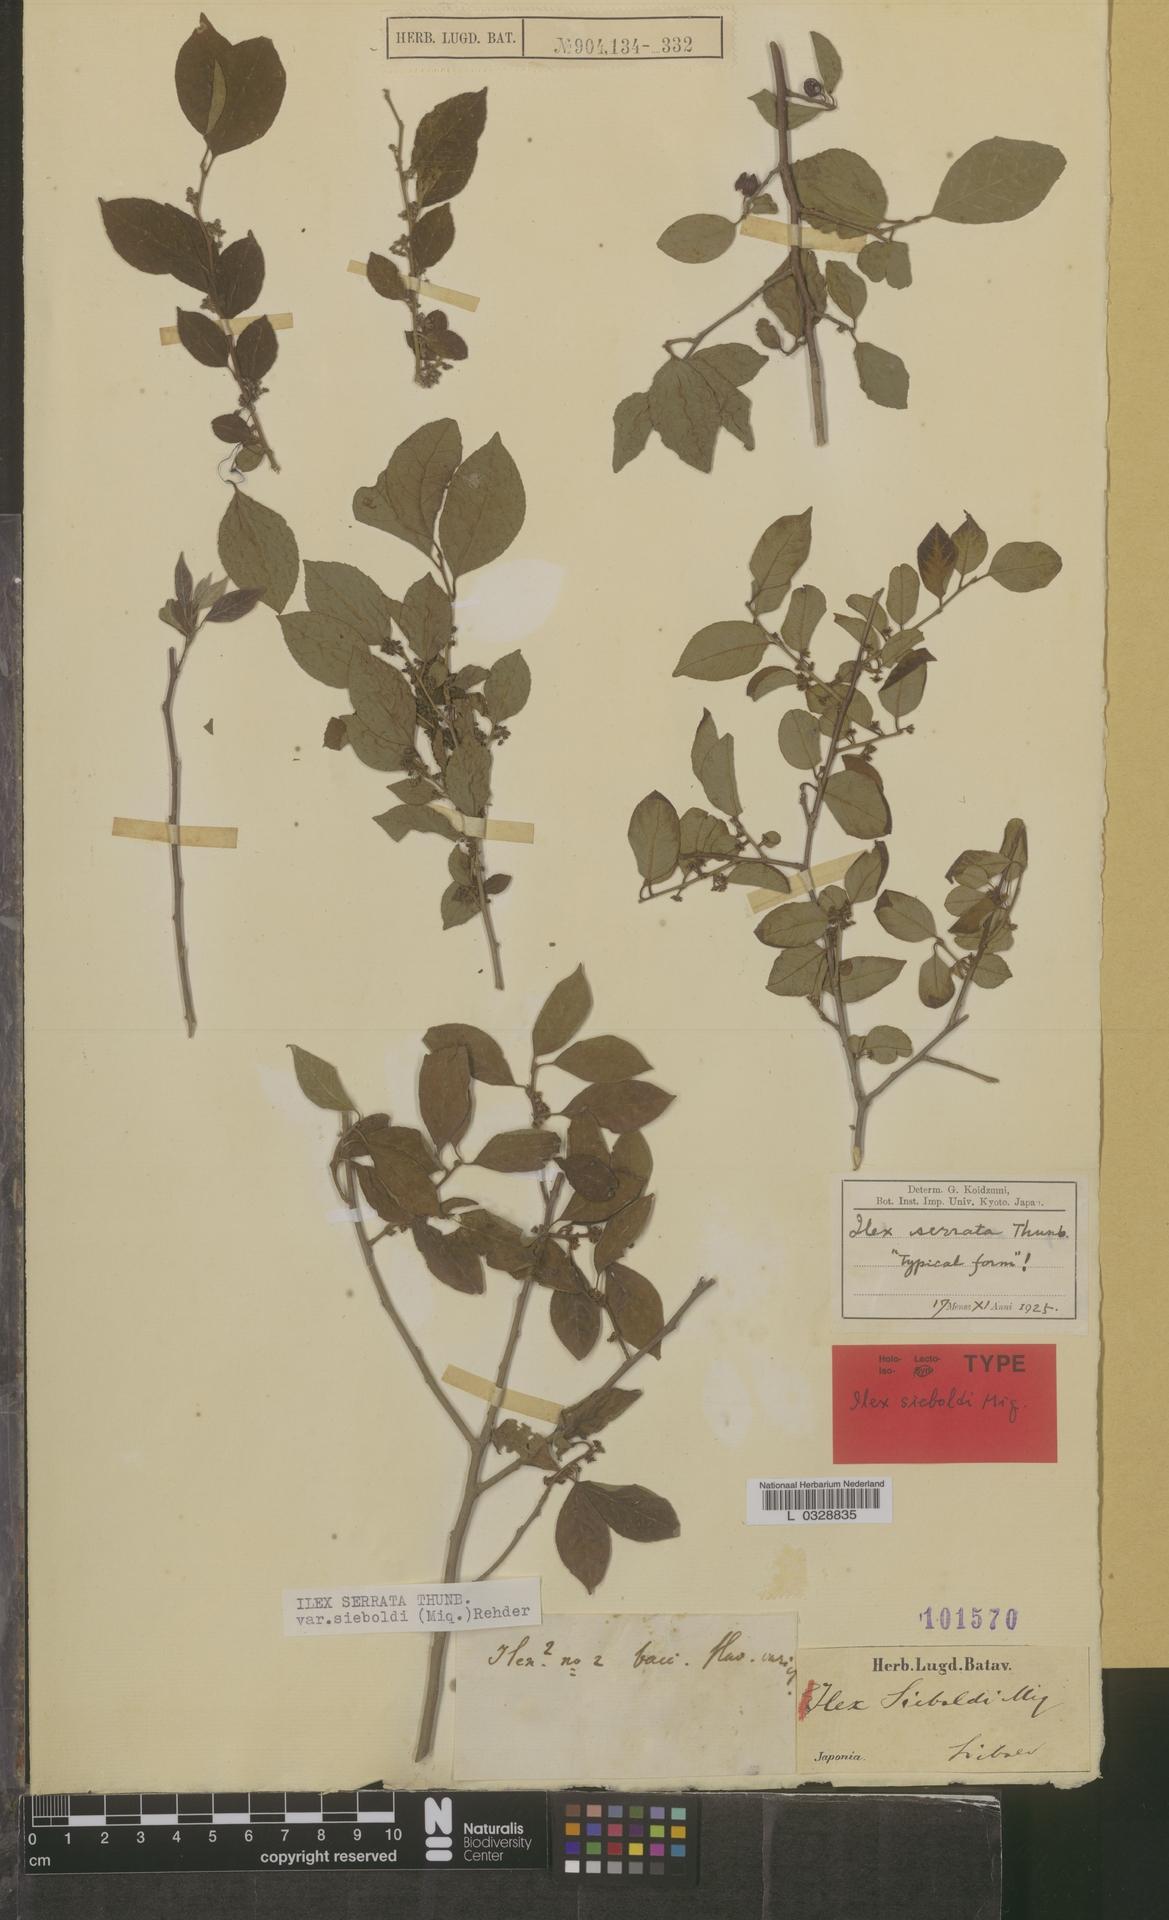 L  0328835 | Ilex serrata var. sieboldi (Miq.) Rehder